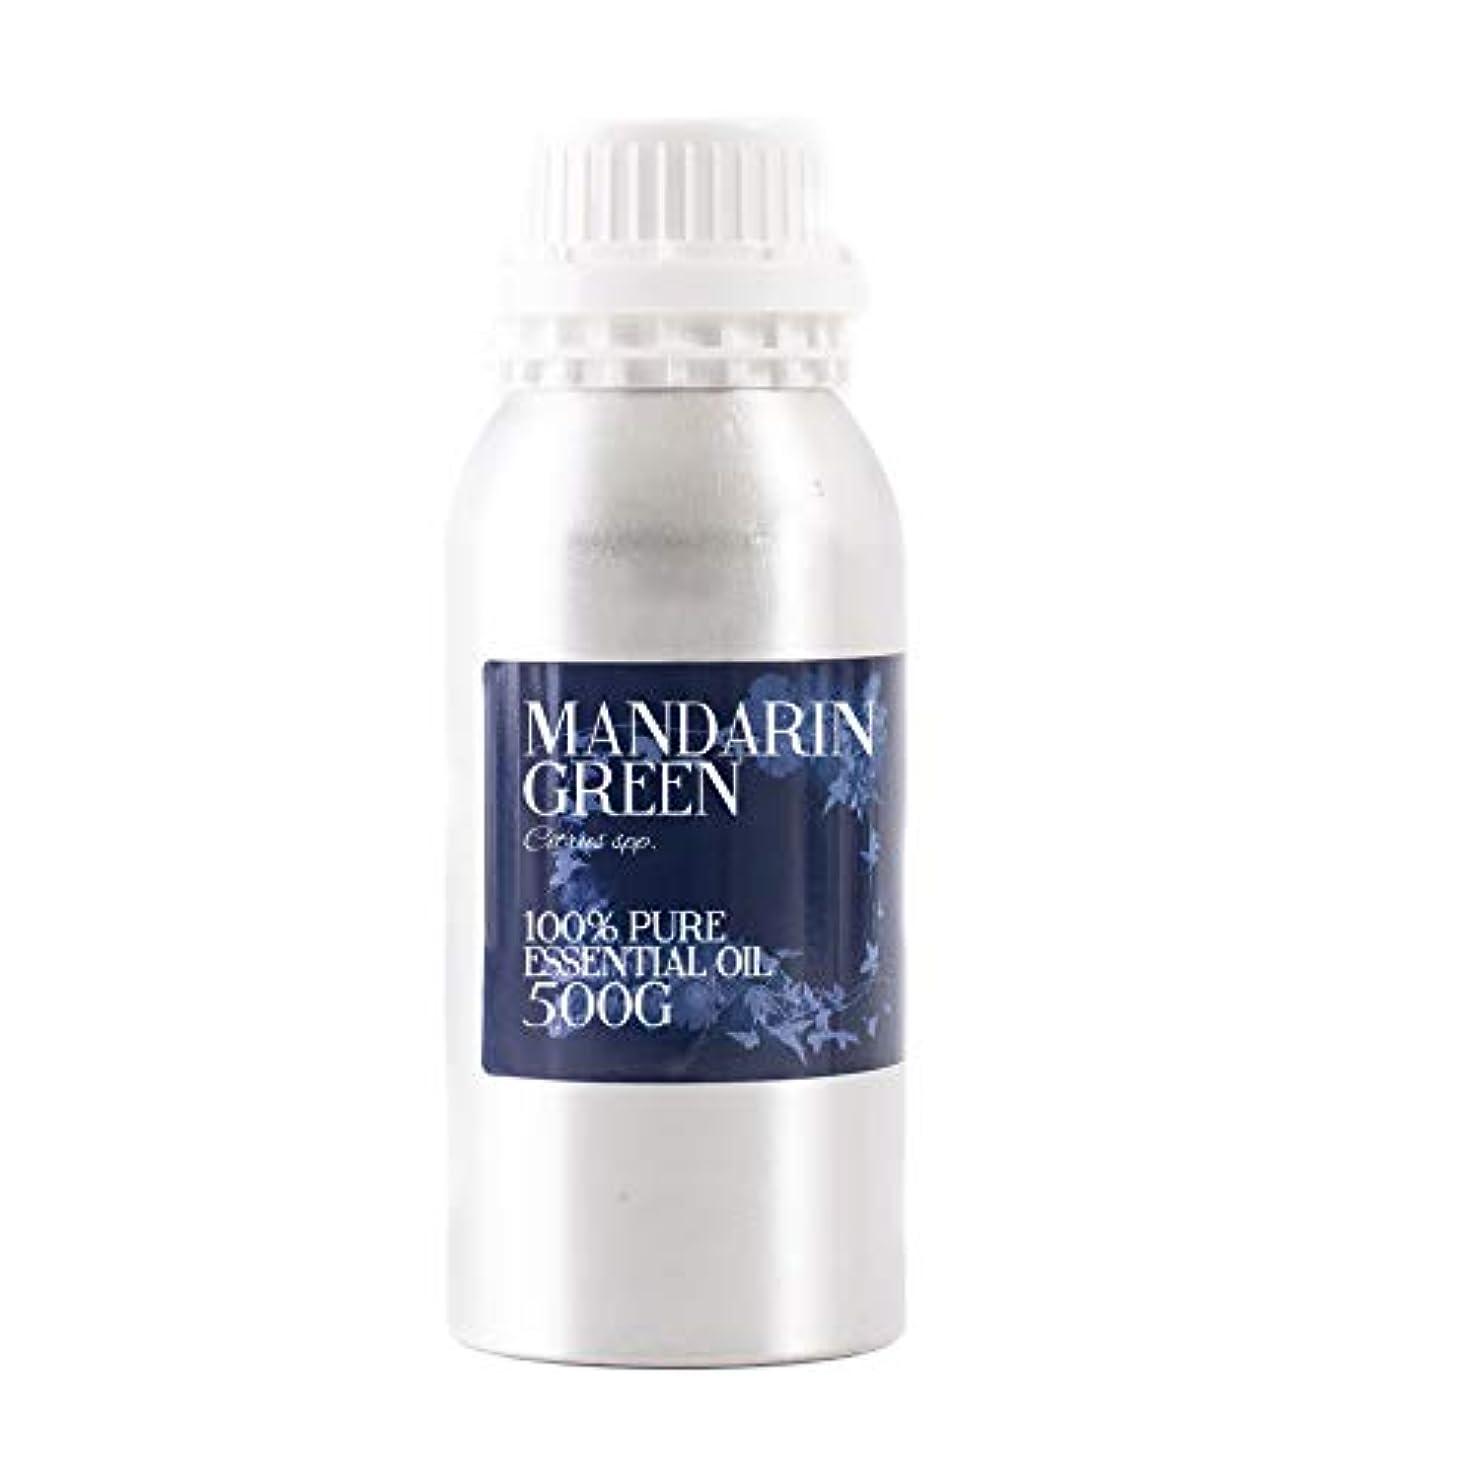 補助南方の世界Mystic Moments | Mandarin Green Essential Oil - 500g - 100% Pure